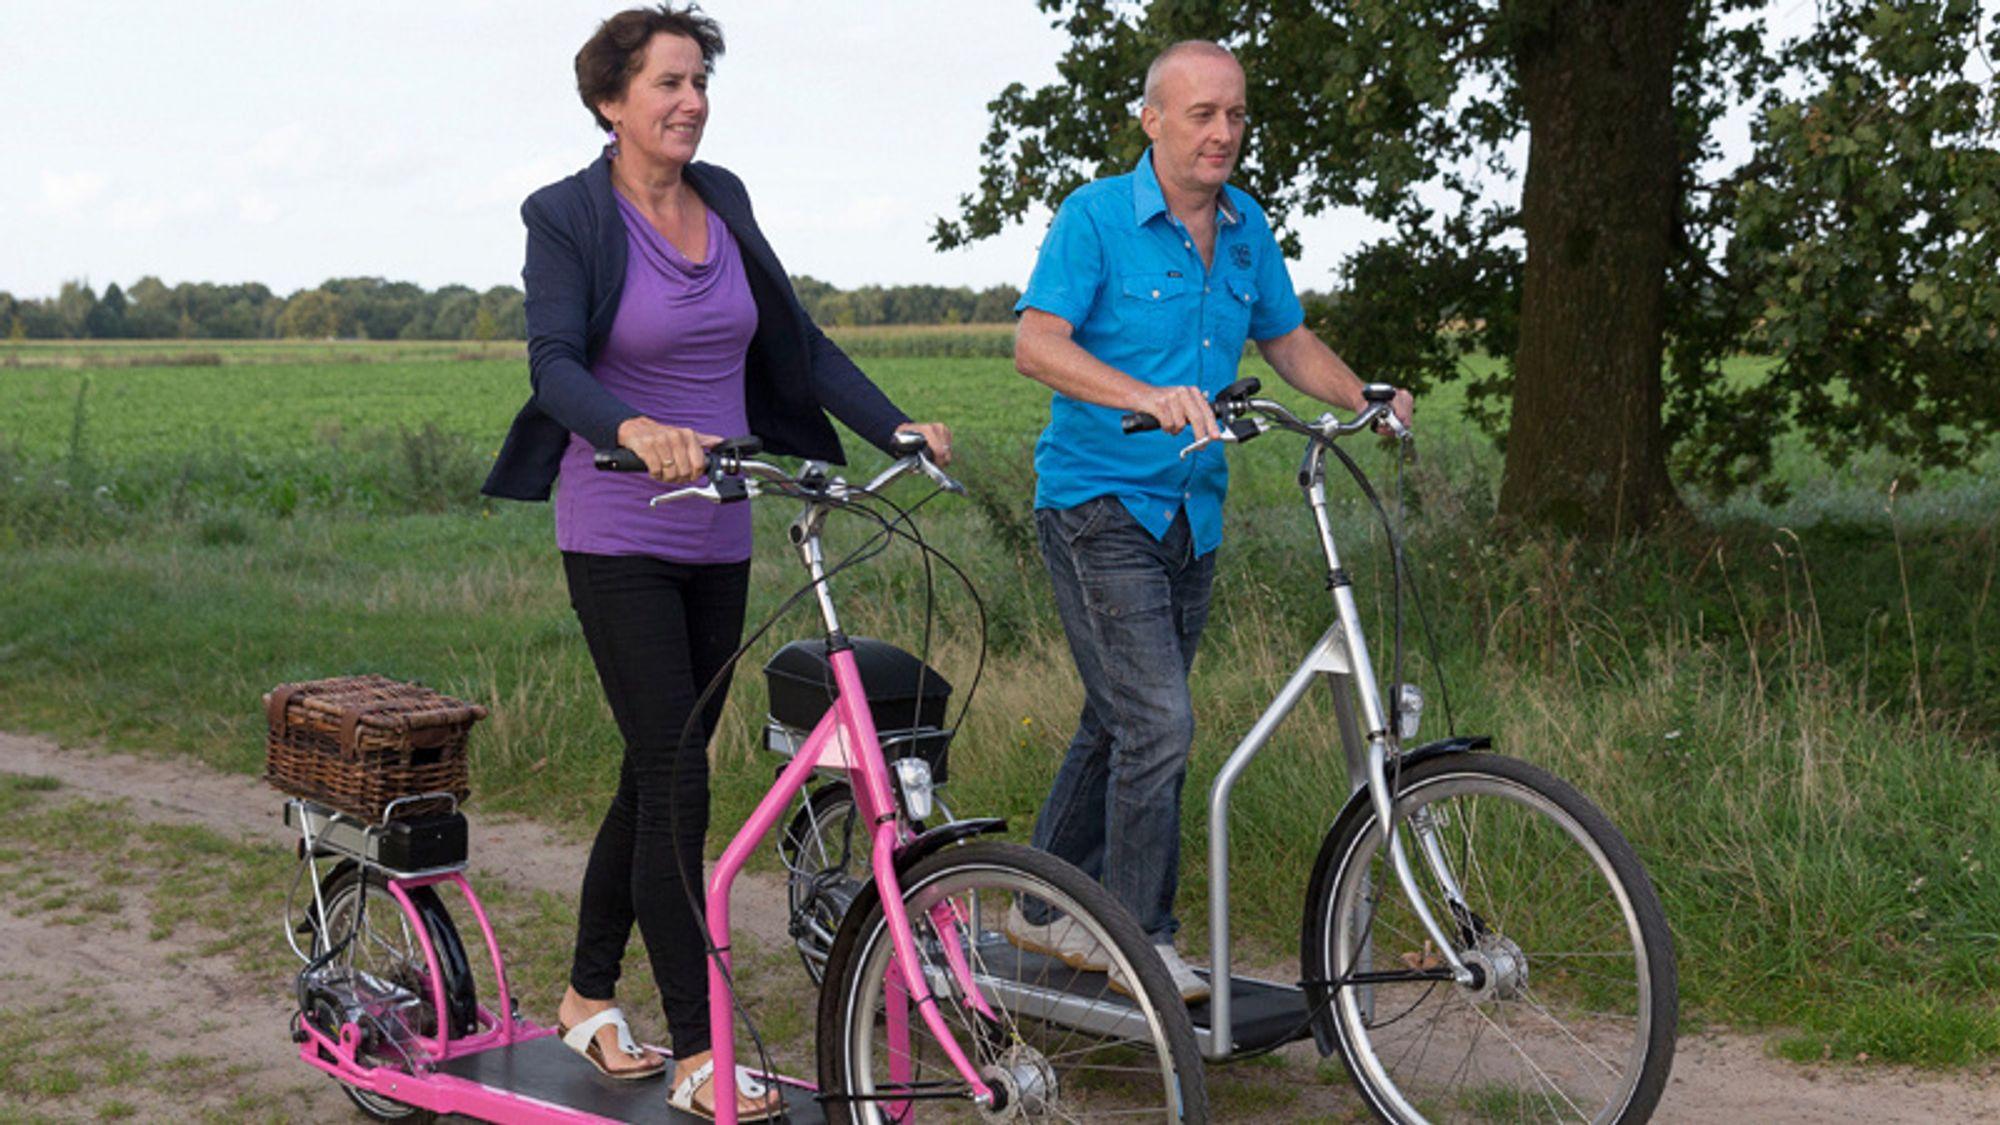 Ekteparet Bergmeester bruker tredemølle-syklene flittig på det flate nederlandske landskapet.